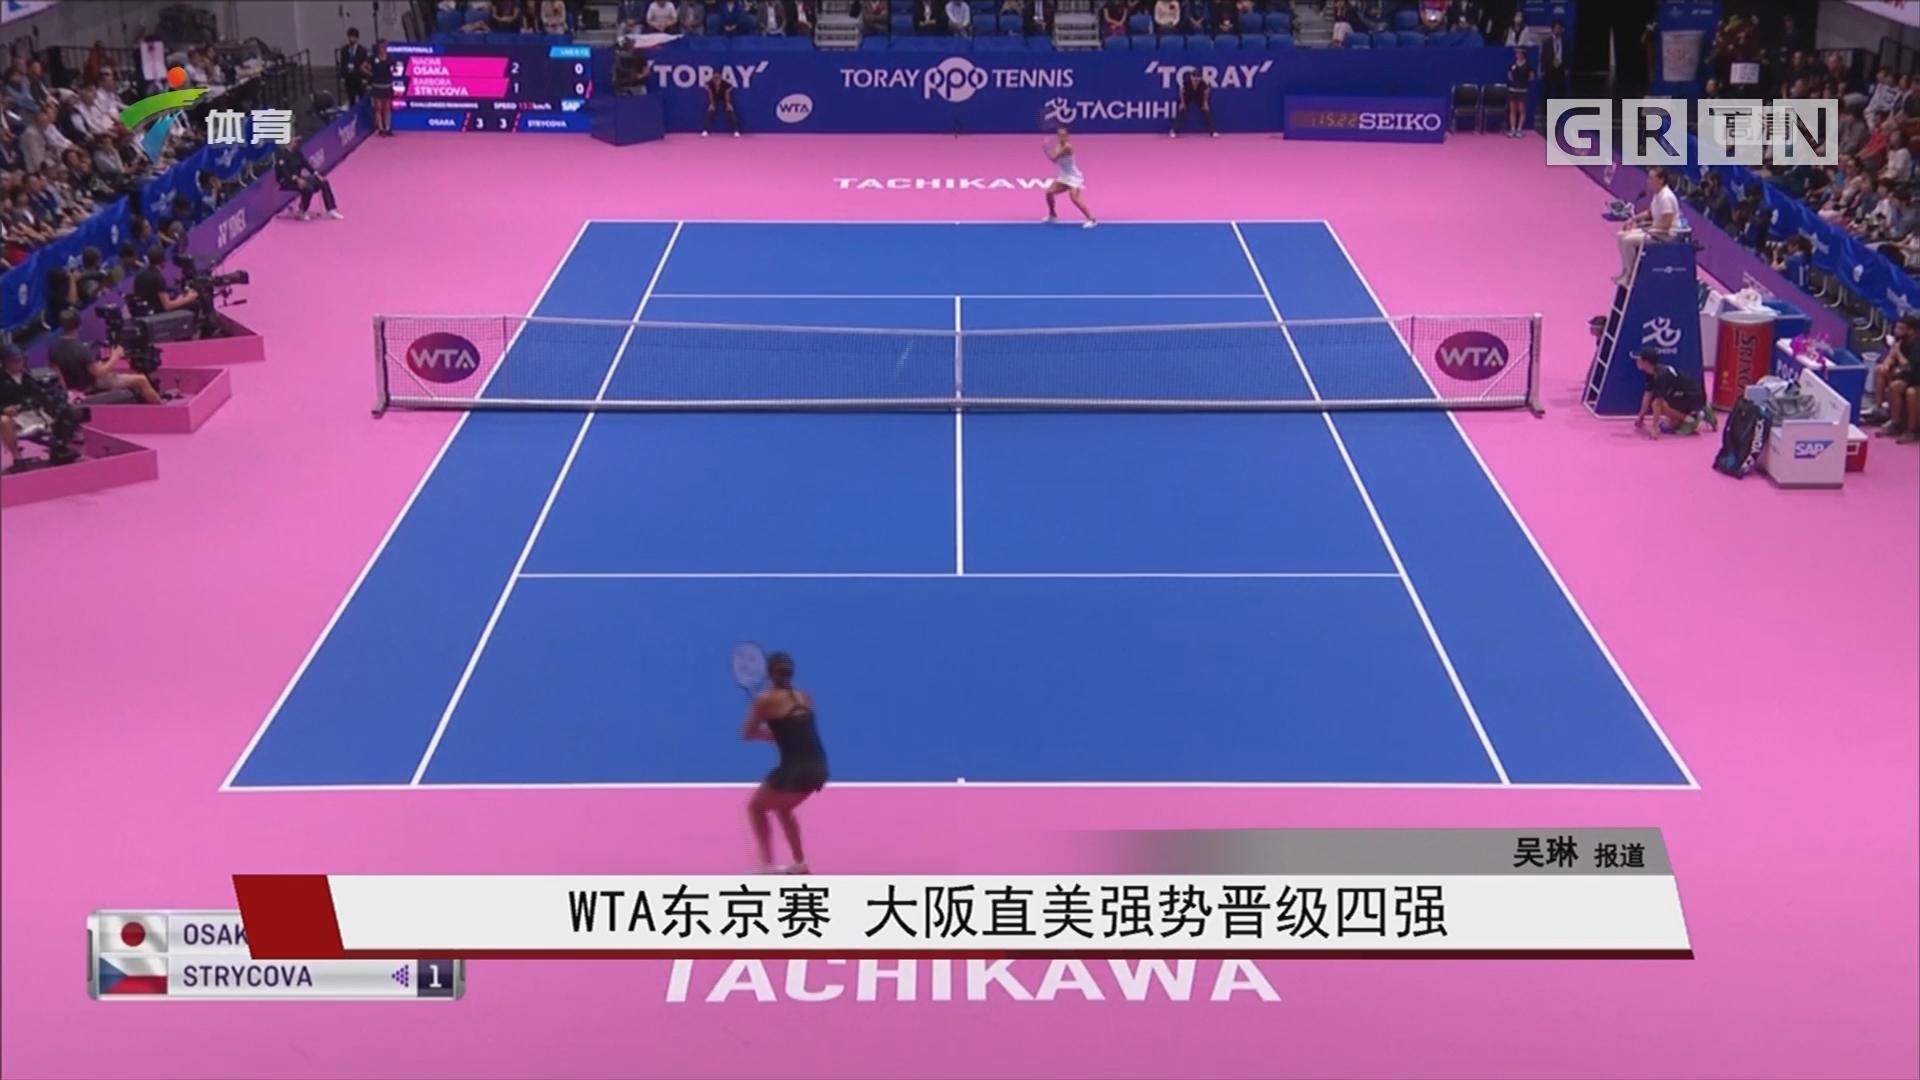 WTA东京赛 大阪直美强势晋级四强